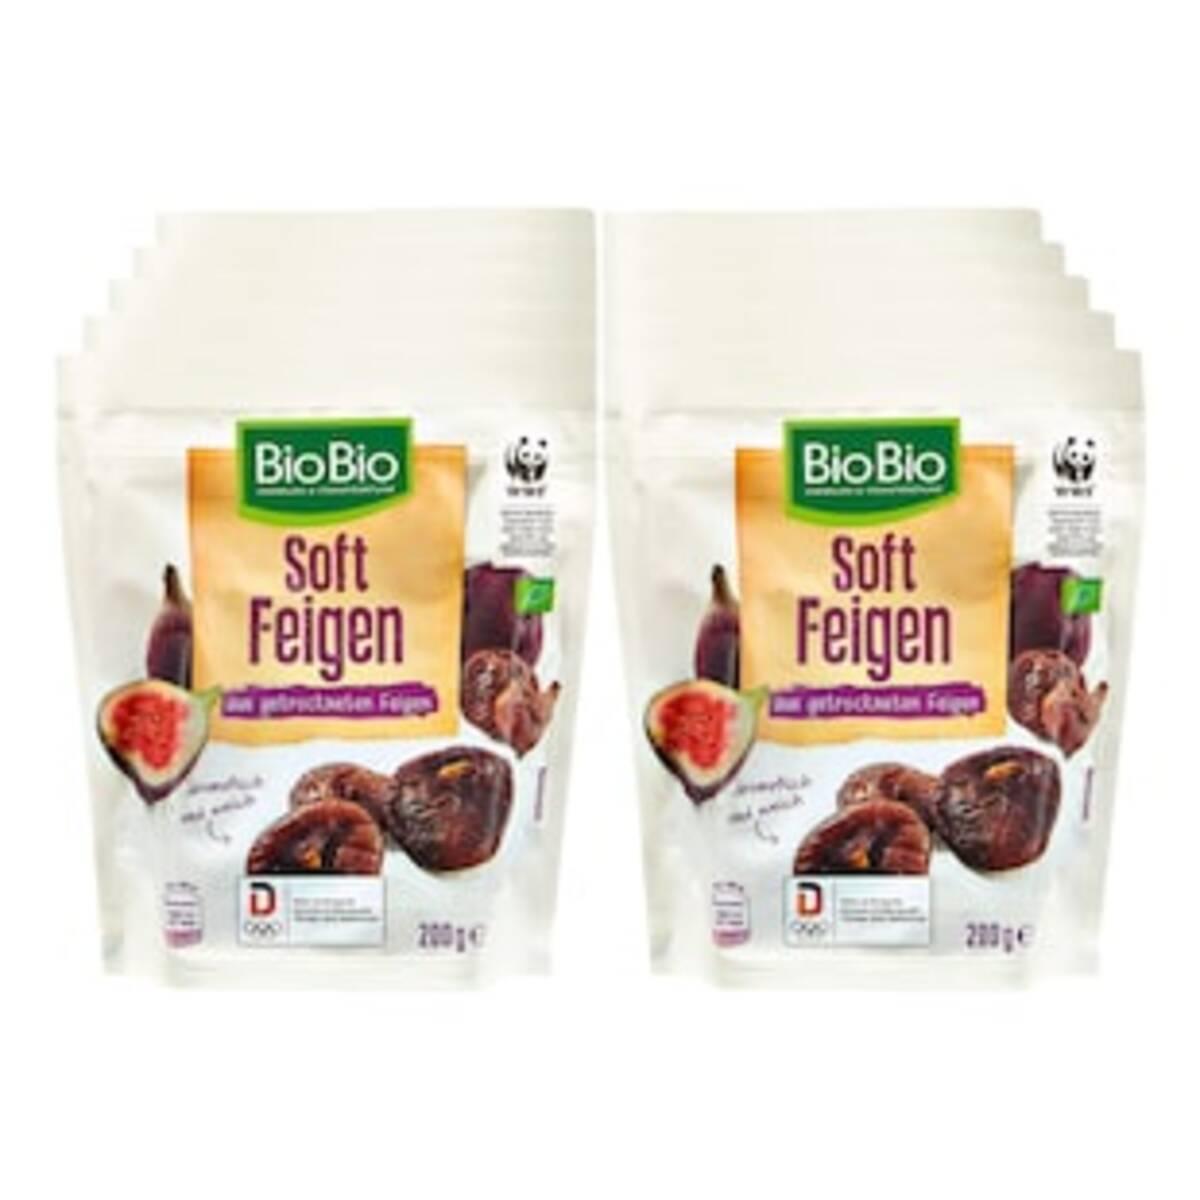 Bild 2 von BioBio Feigen 200 g, 10er Pack